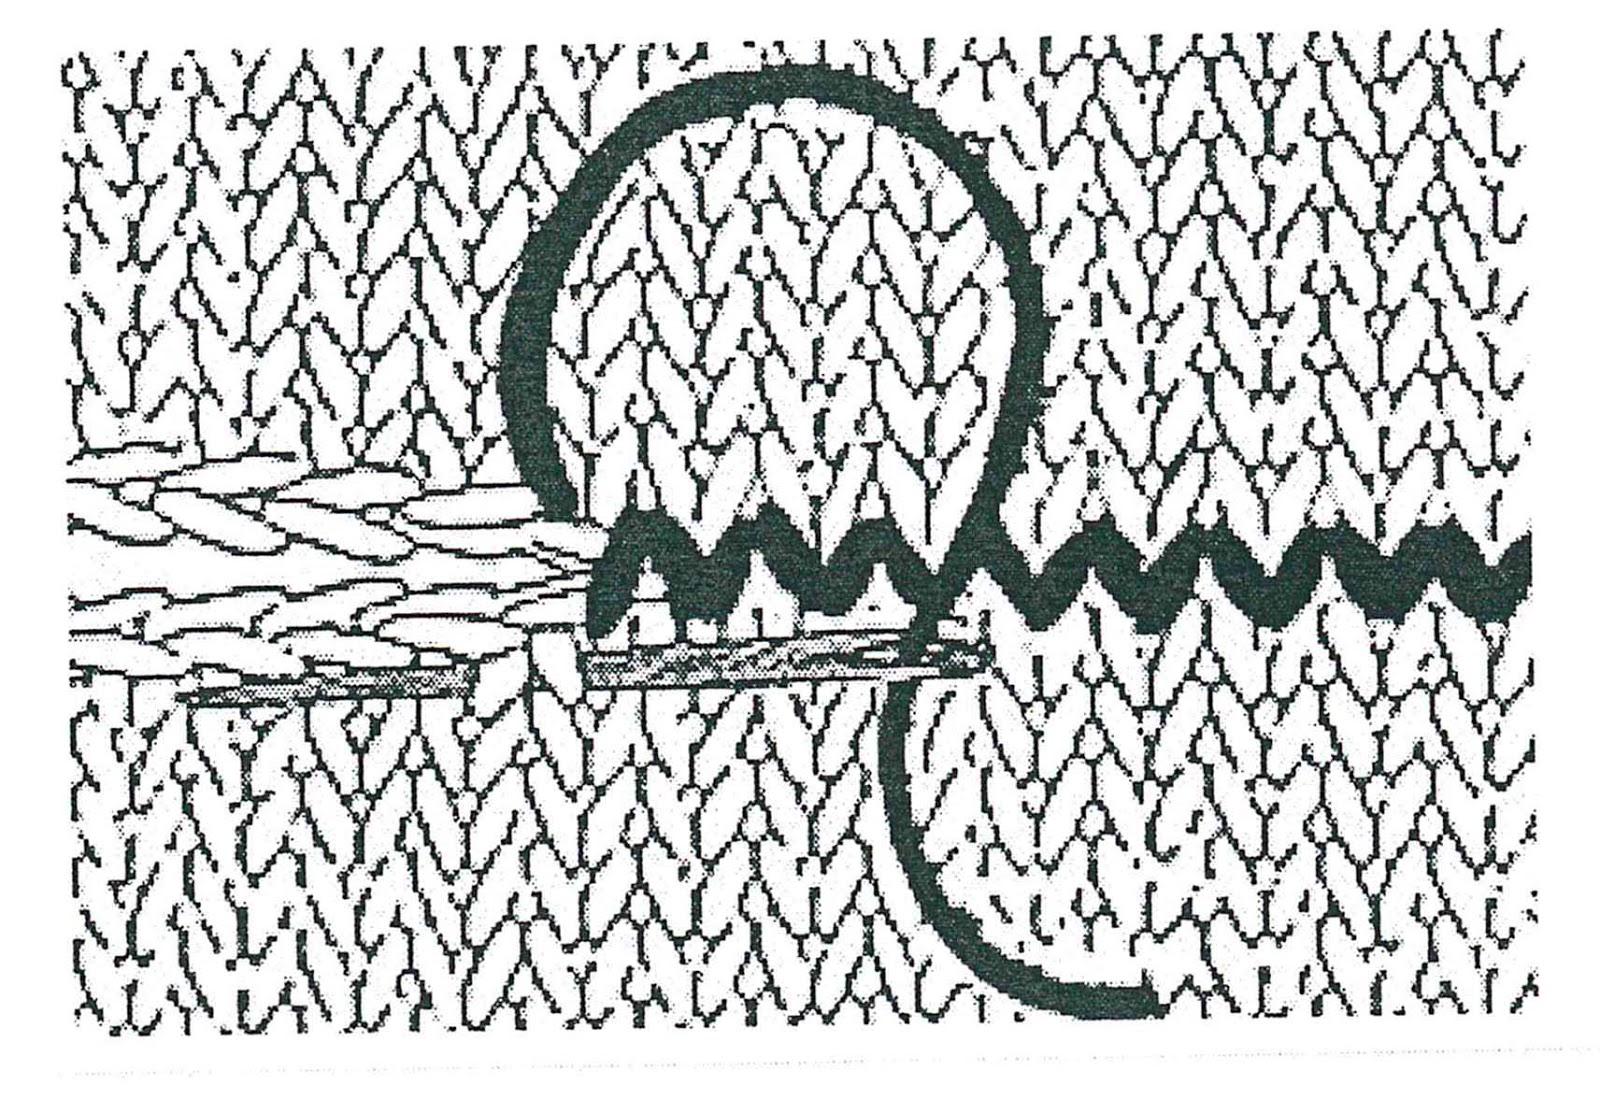 Sewbury Diy Strickenjacke Stricken Mit Drops Garnstudio Tutorial